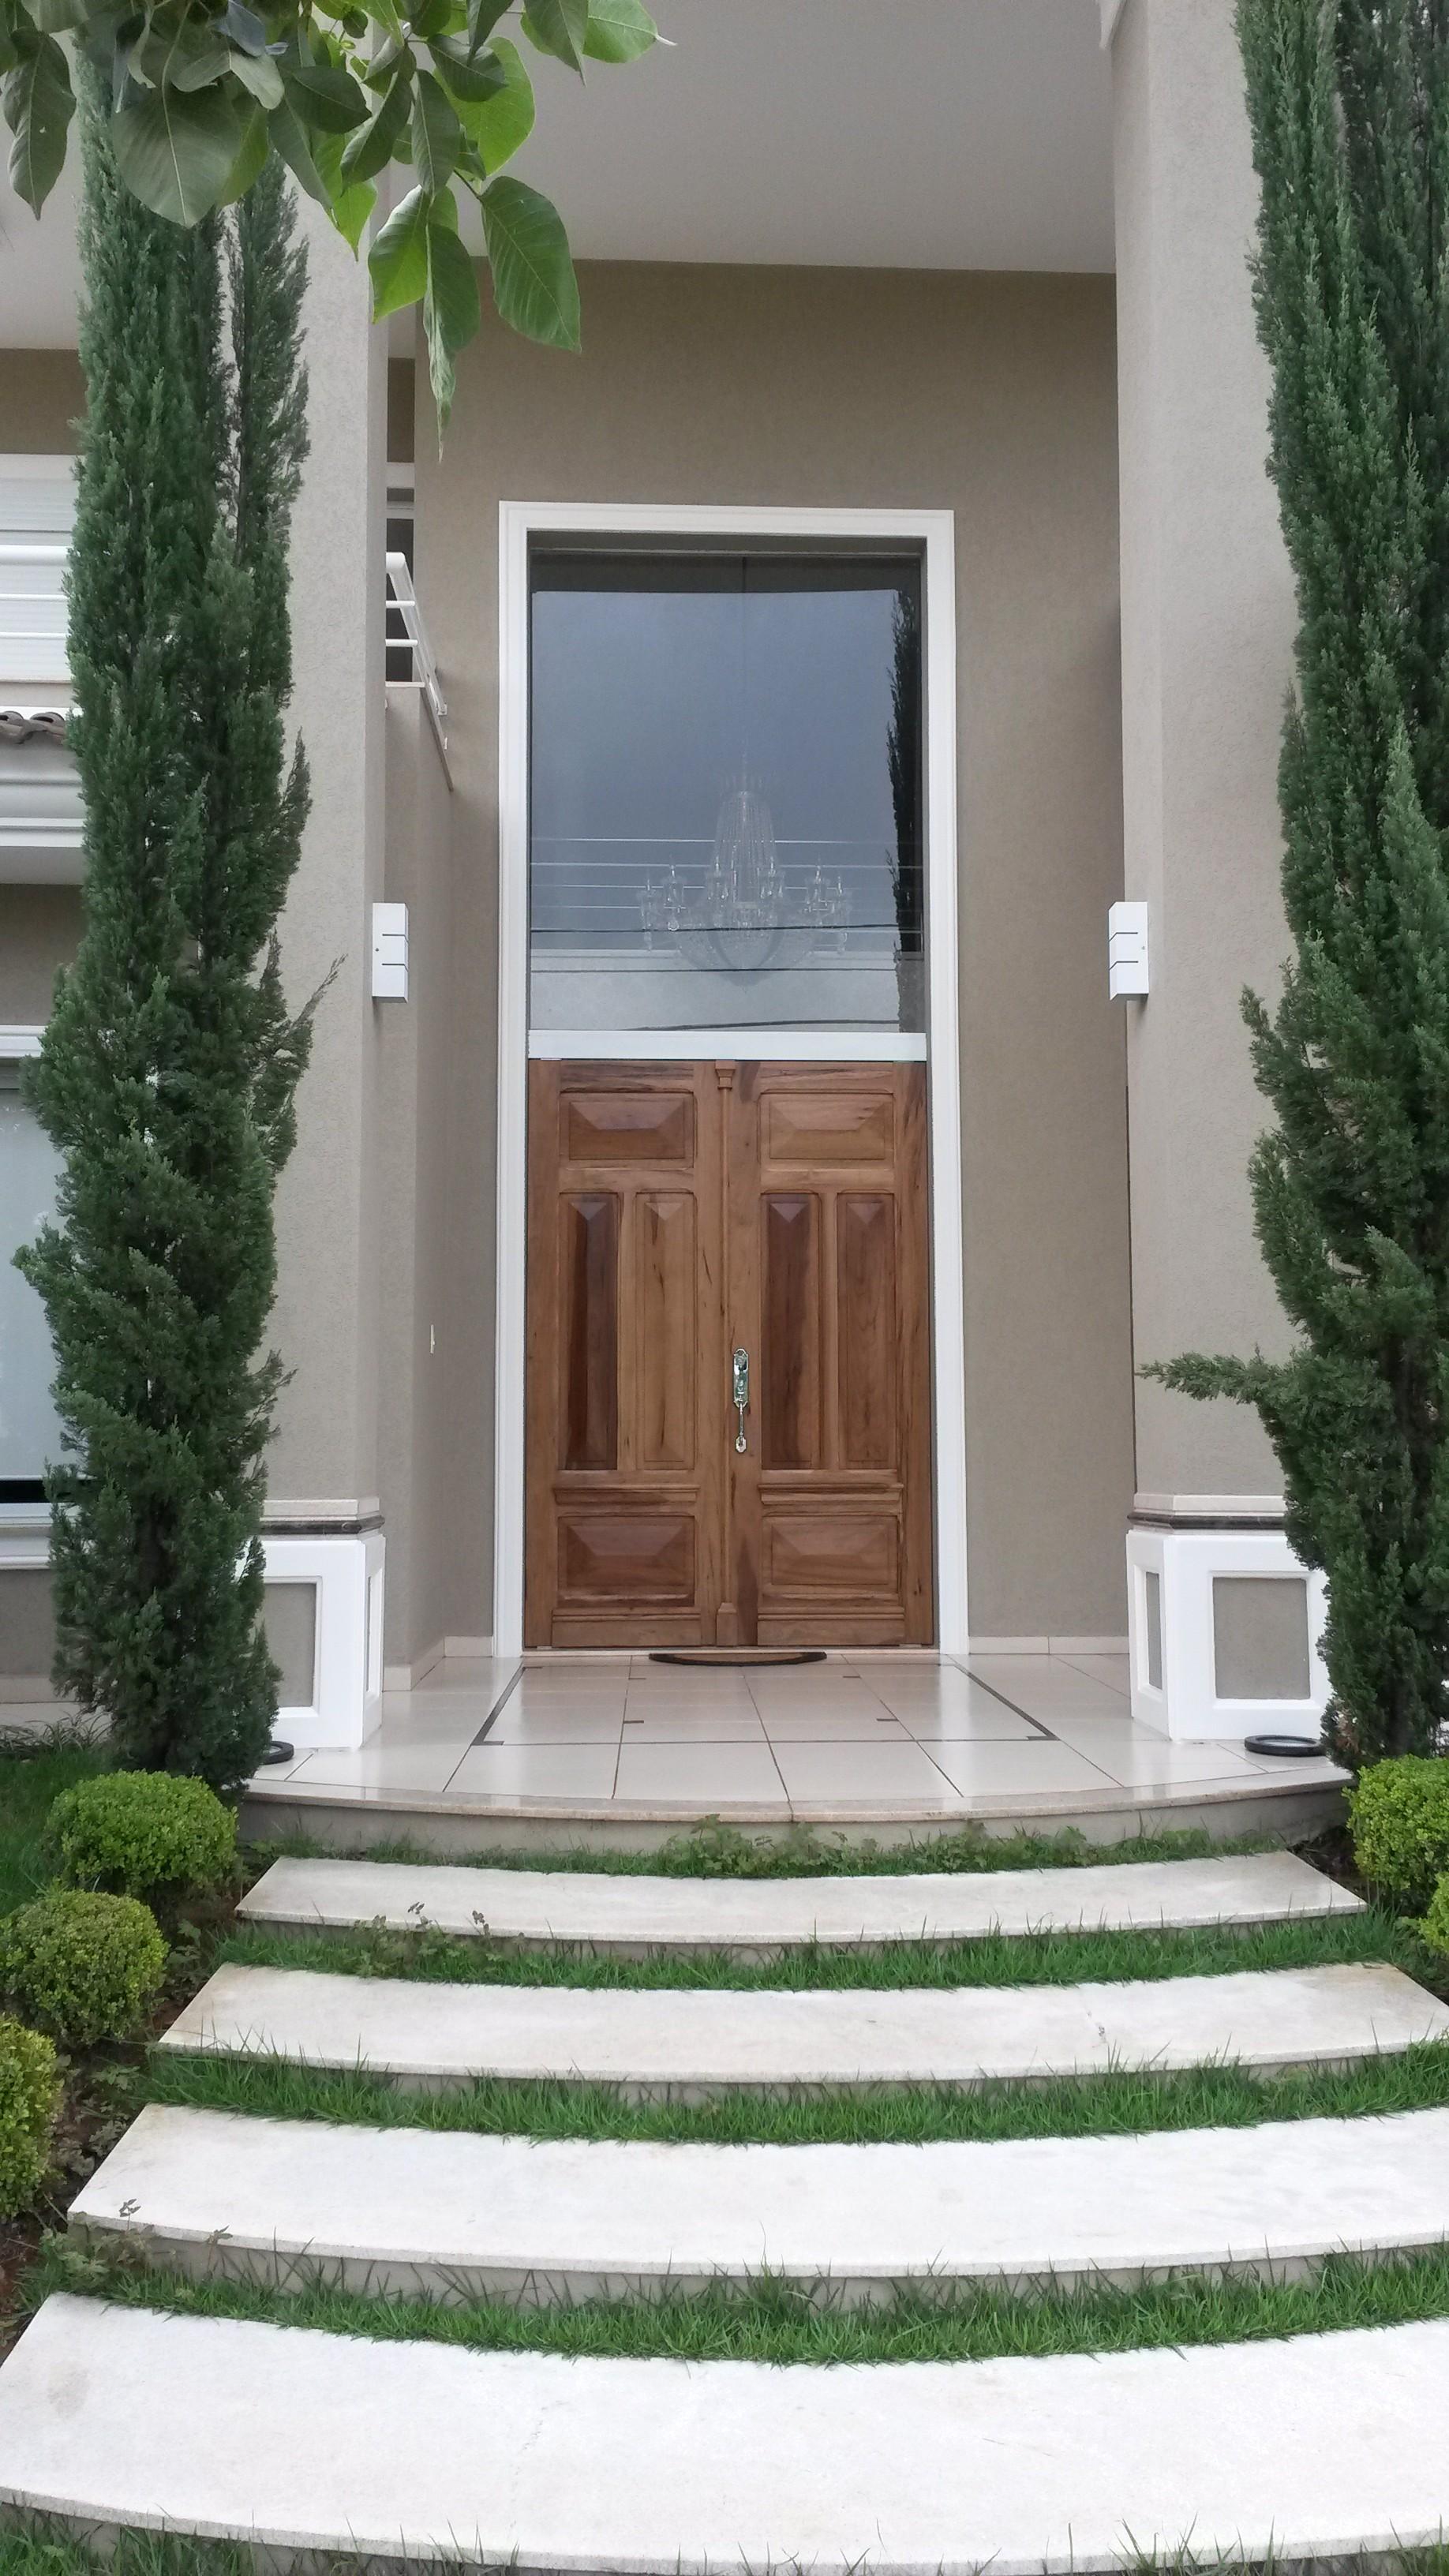 porta painel de vidro